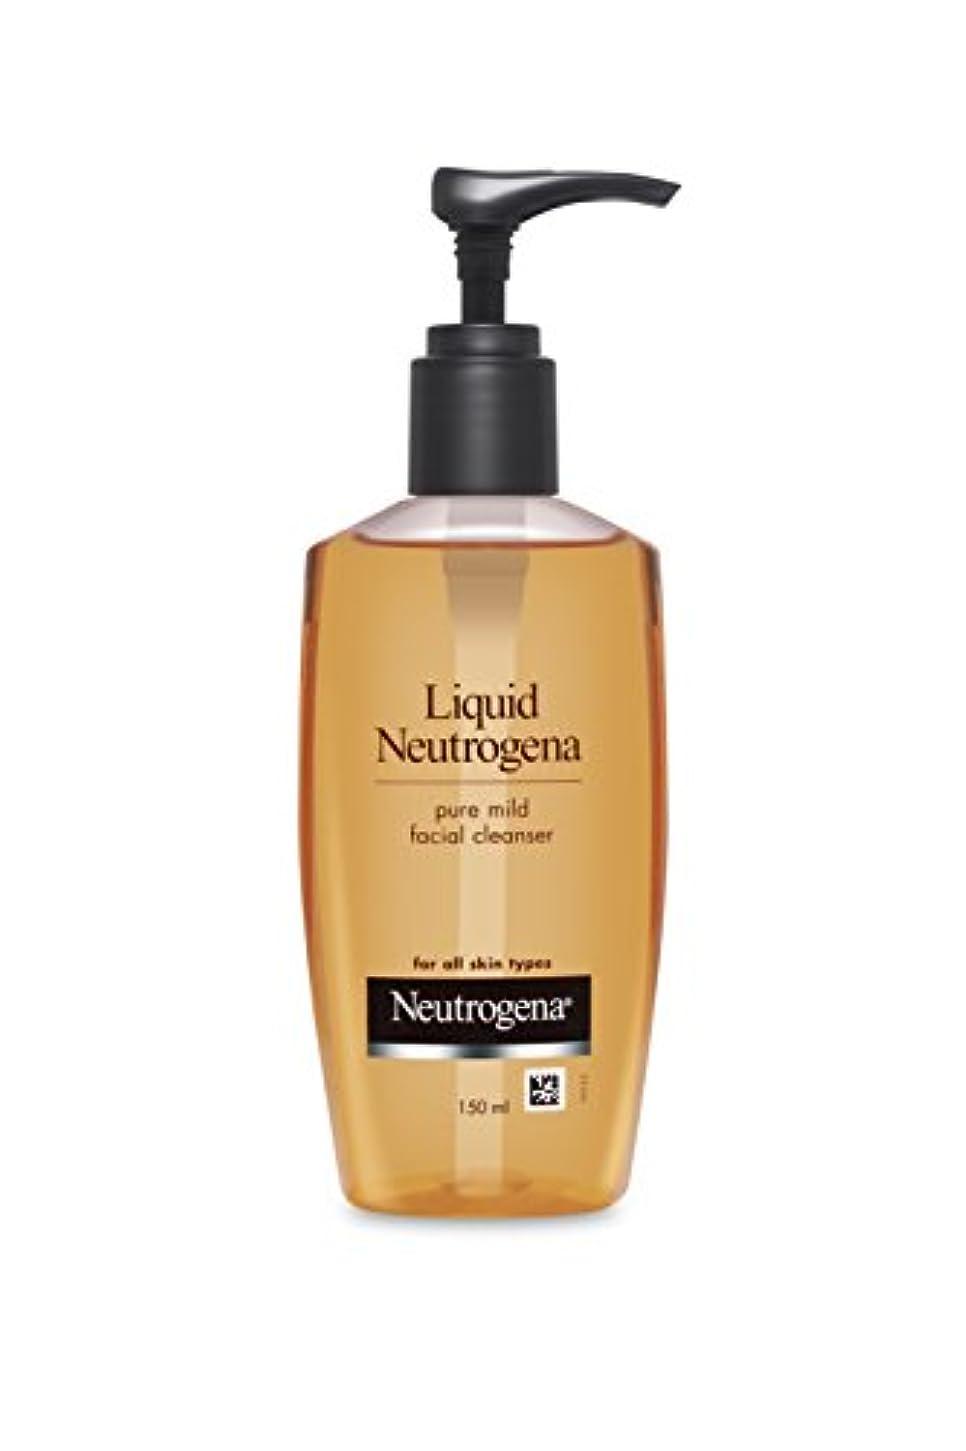 データム腐食する強度Liquid Neutrogena (Mild Facial Cleanser), 150ml